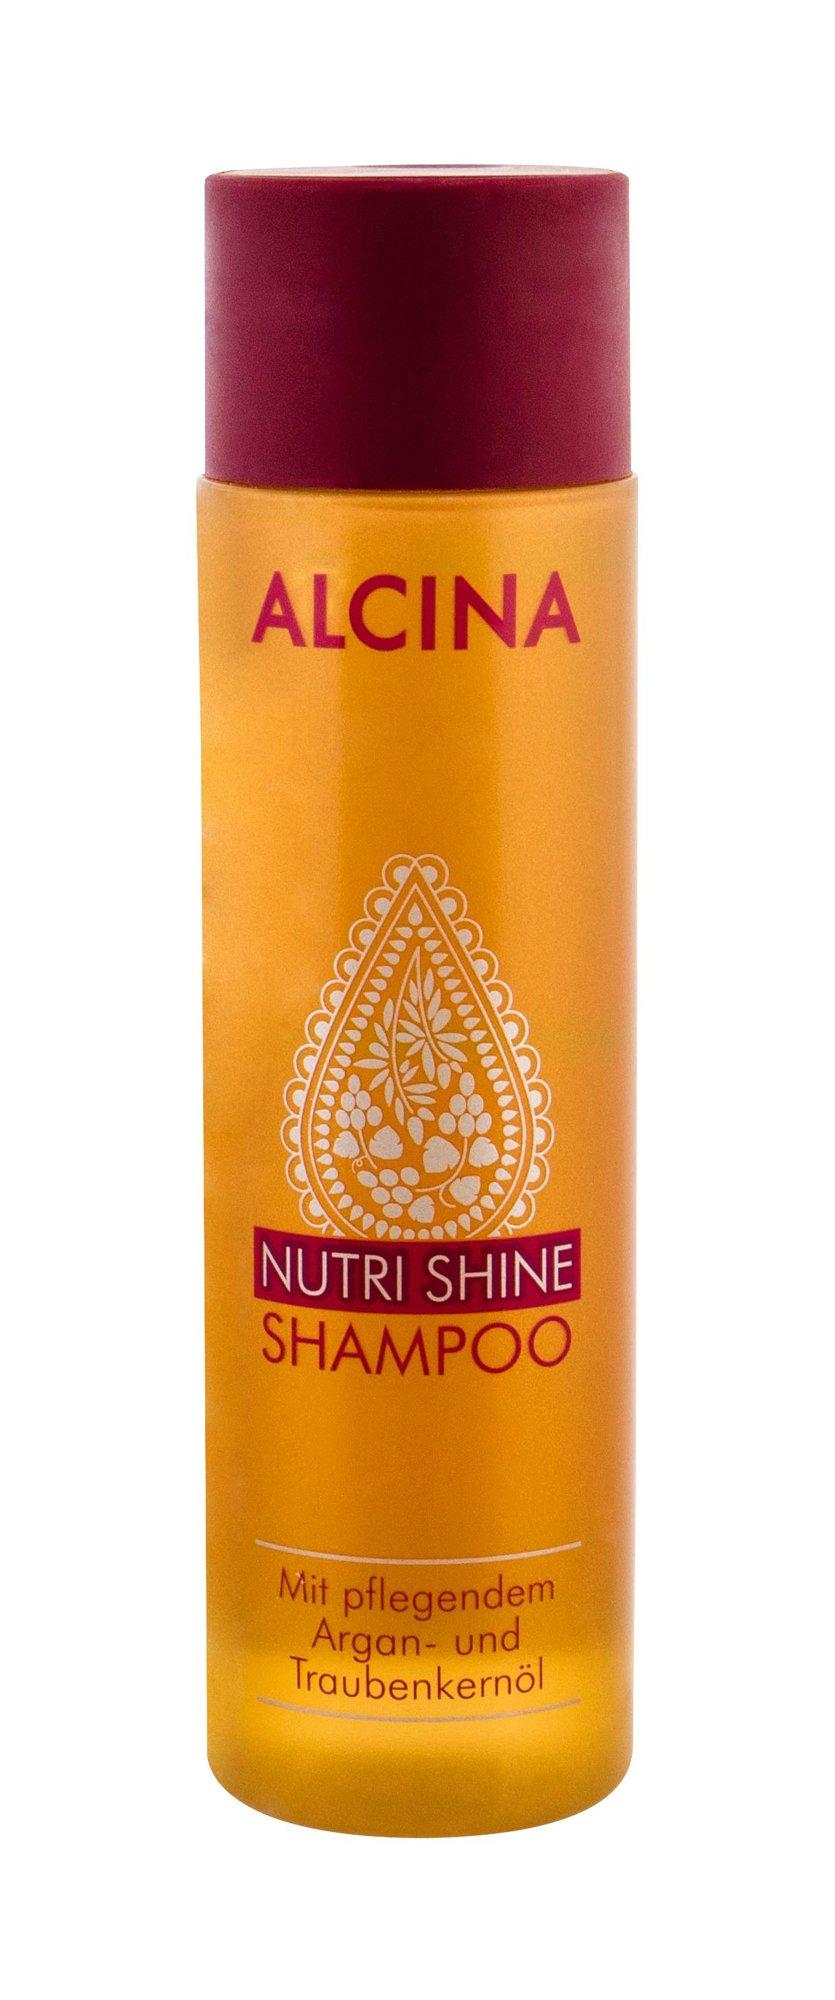 Šampūnas ALCINA Nutri Shine